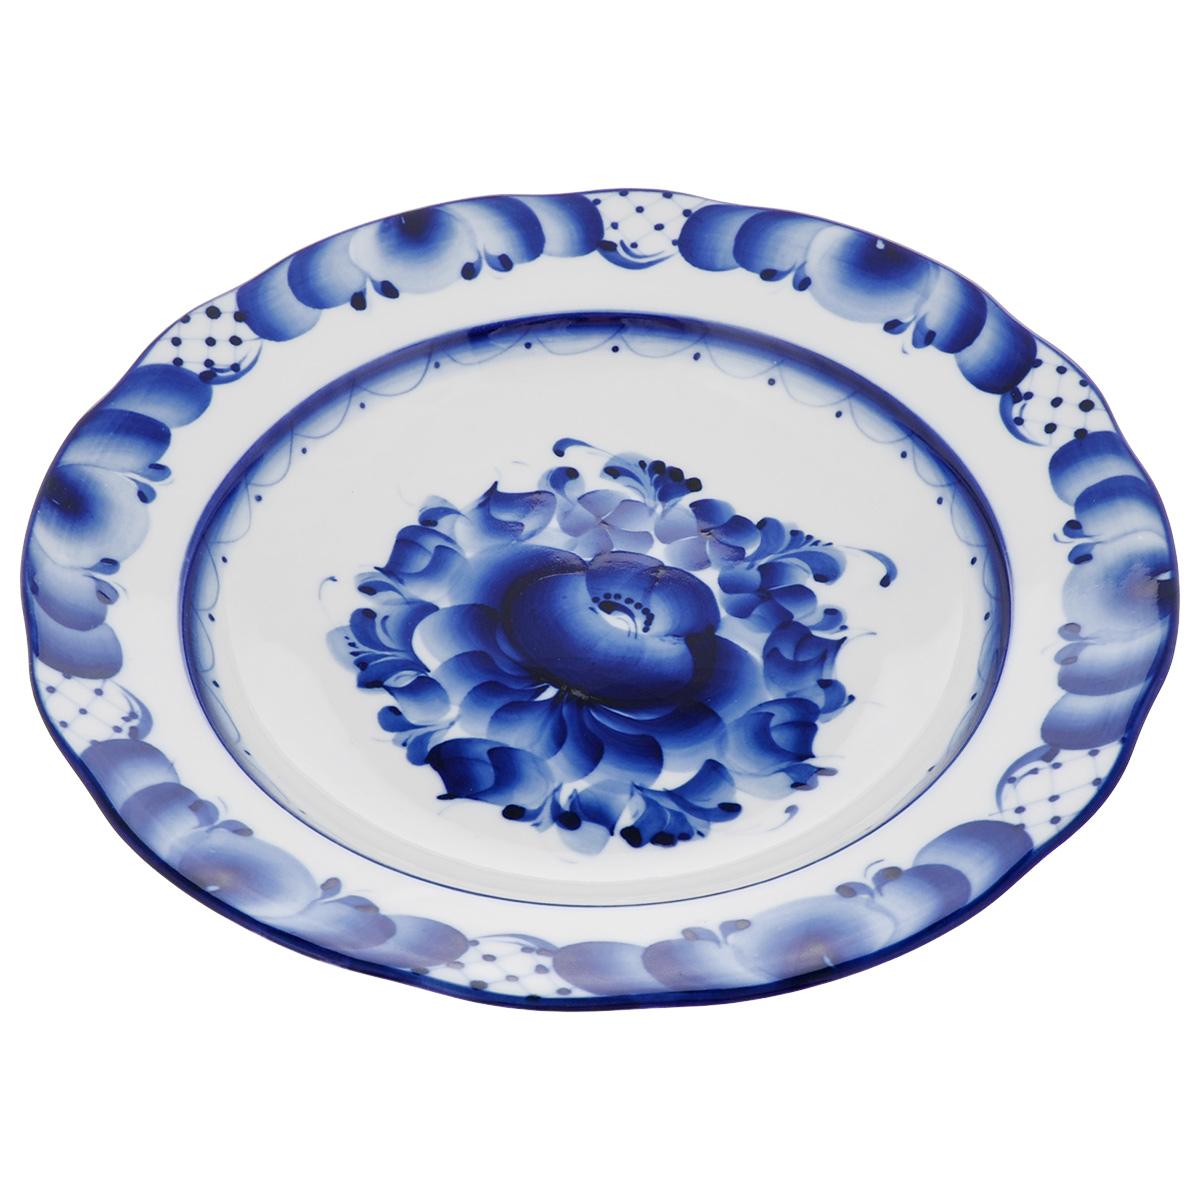 Тарелка суповая Дубок, цвет: синий, белый, диаметр 24 см54 009312Тарелка суповая Дубок, изготовленная из высококачественного фарфора, предназначена для красивой сервировки стола. Тарелка оформлена оригинальной гжельской росписью.Диаметр: 24 см. Высота тарелки: 4,5 см.